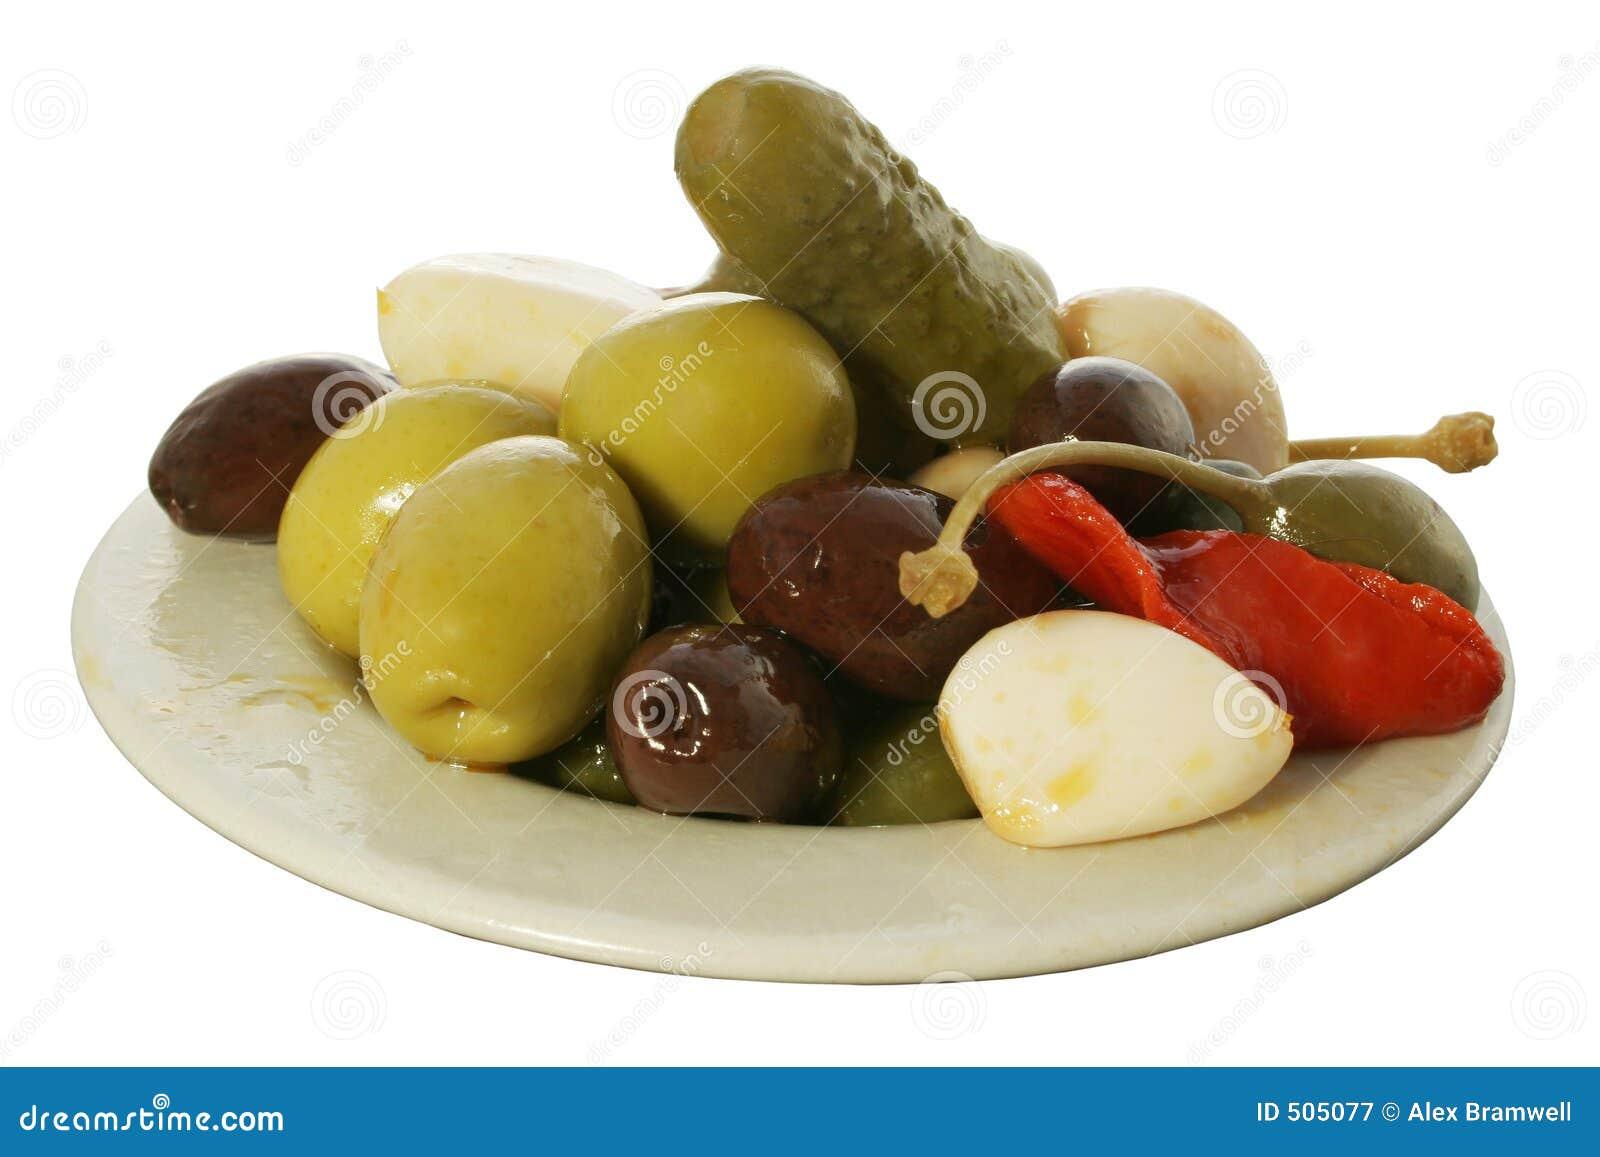 1 olive tapa